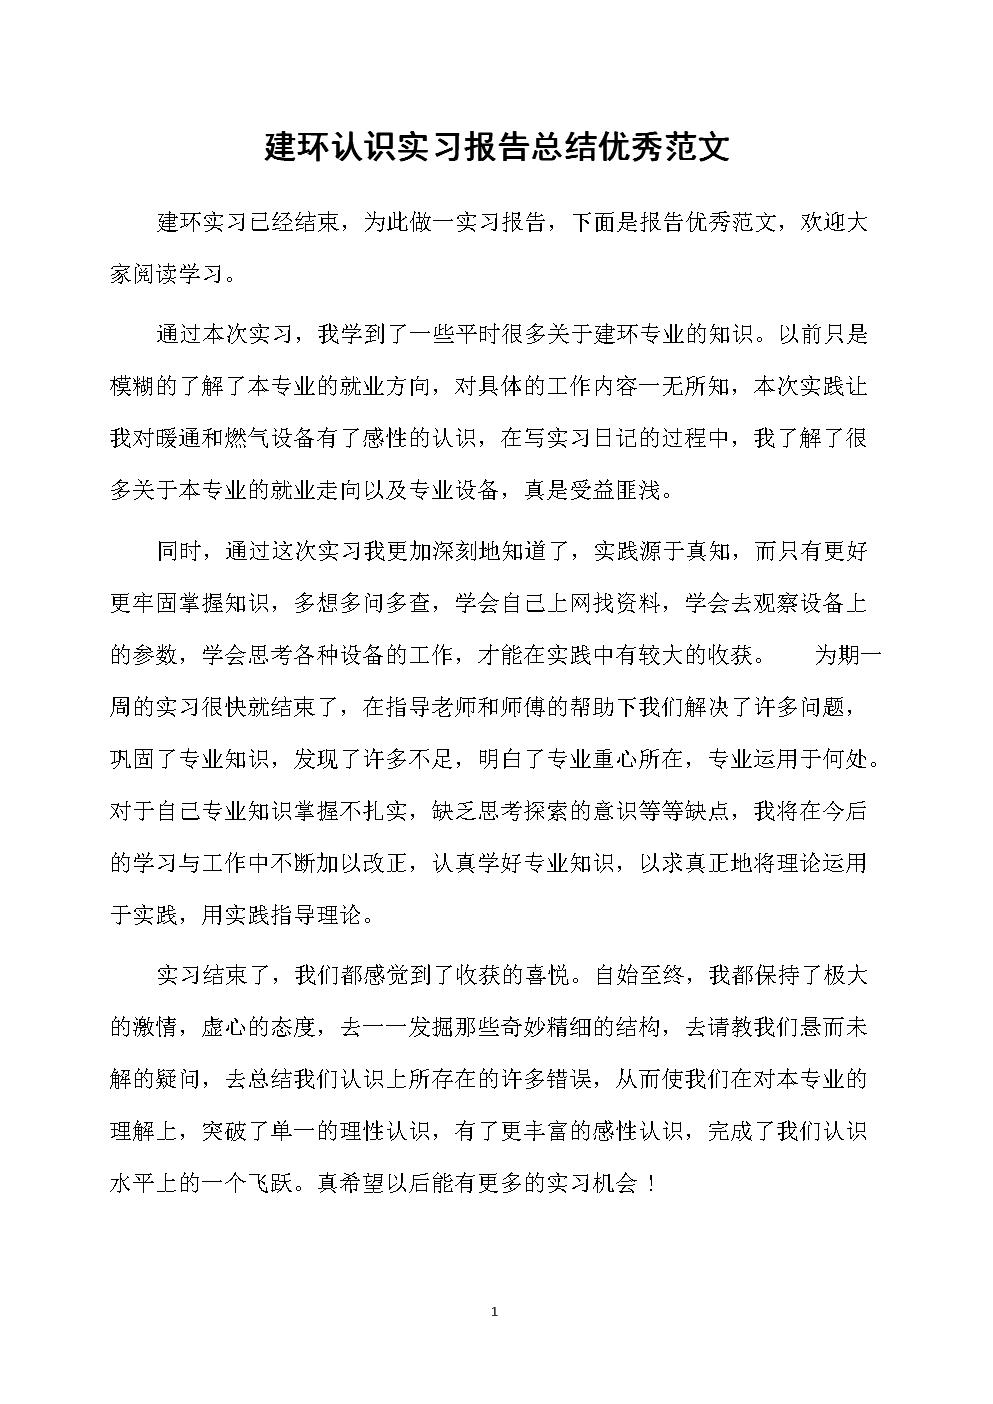 建环认识实习报告总结优秀范文.docx